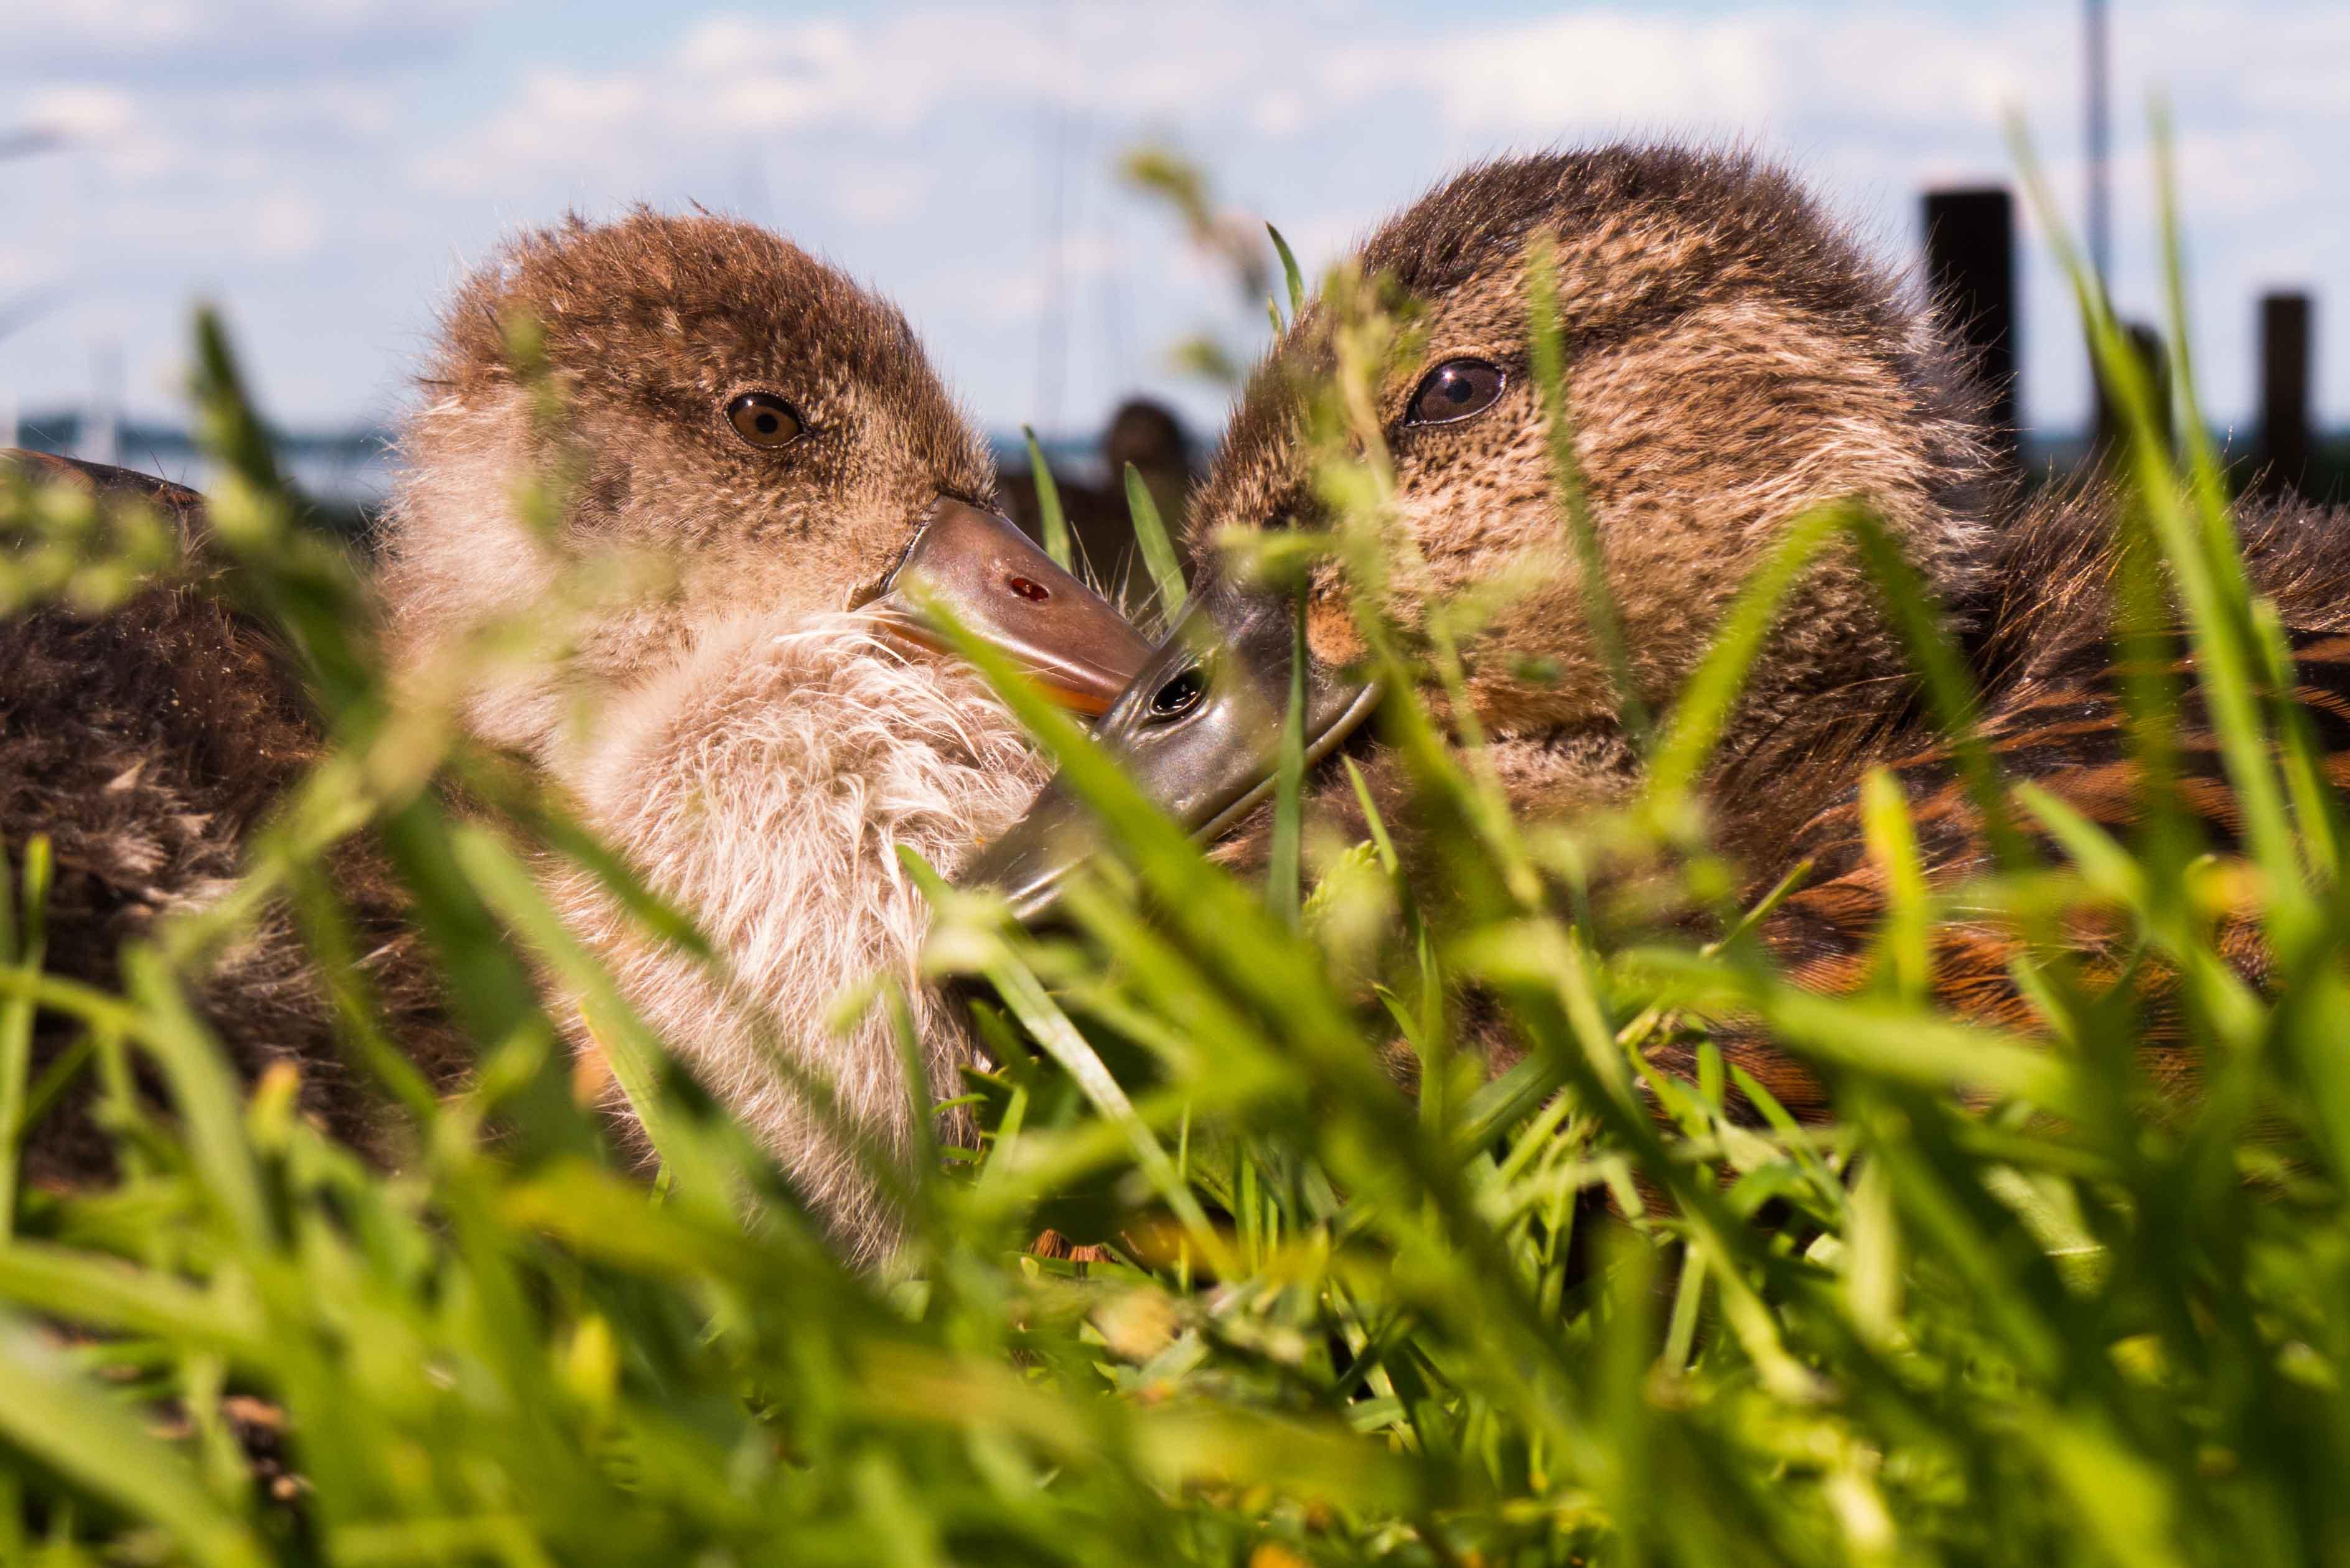 DIe Entenküken auf der Fraueninsel im CHiemsee haben keine ANgst vor den Touristen, sie sitzen seelnruhig am Wegesrand und beobachten die vorbeigehenden Menschen